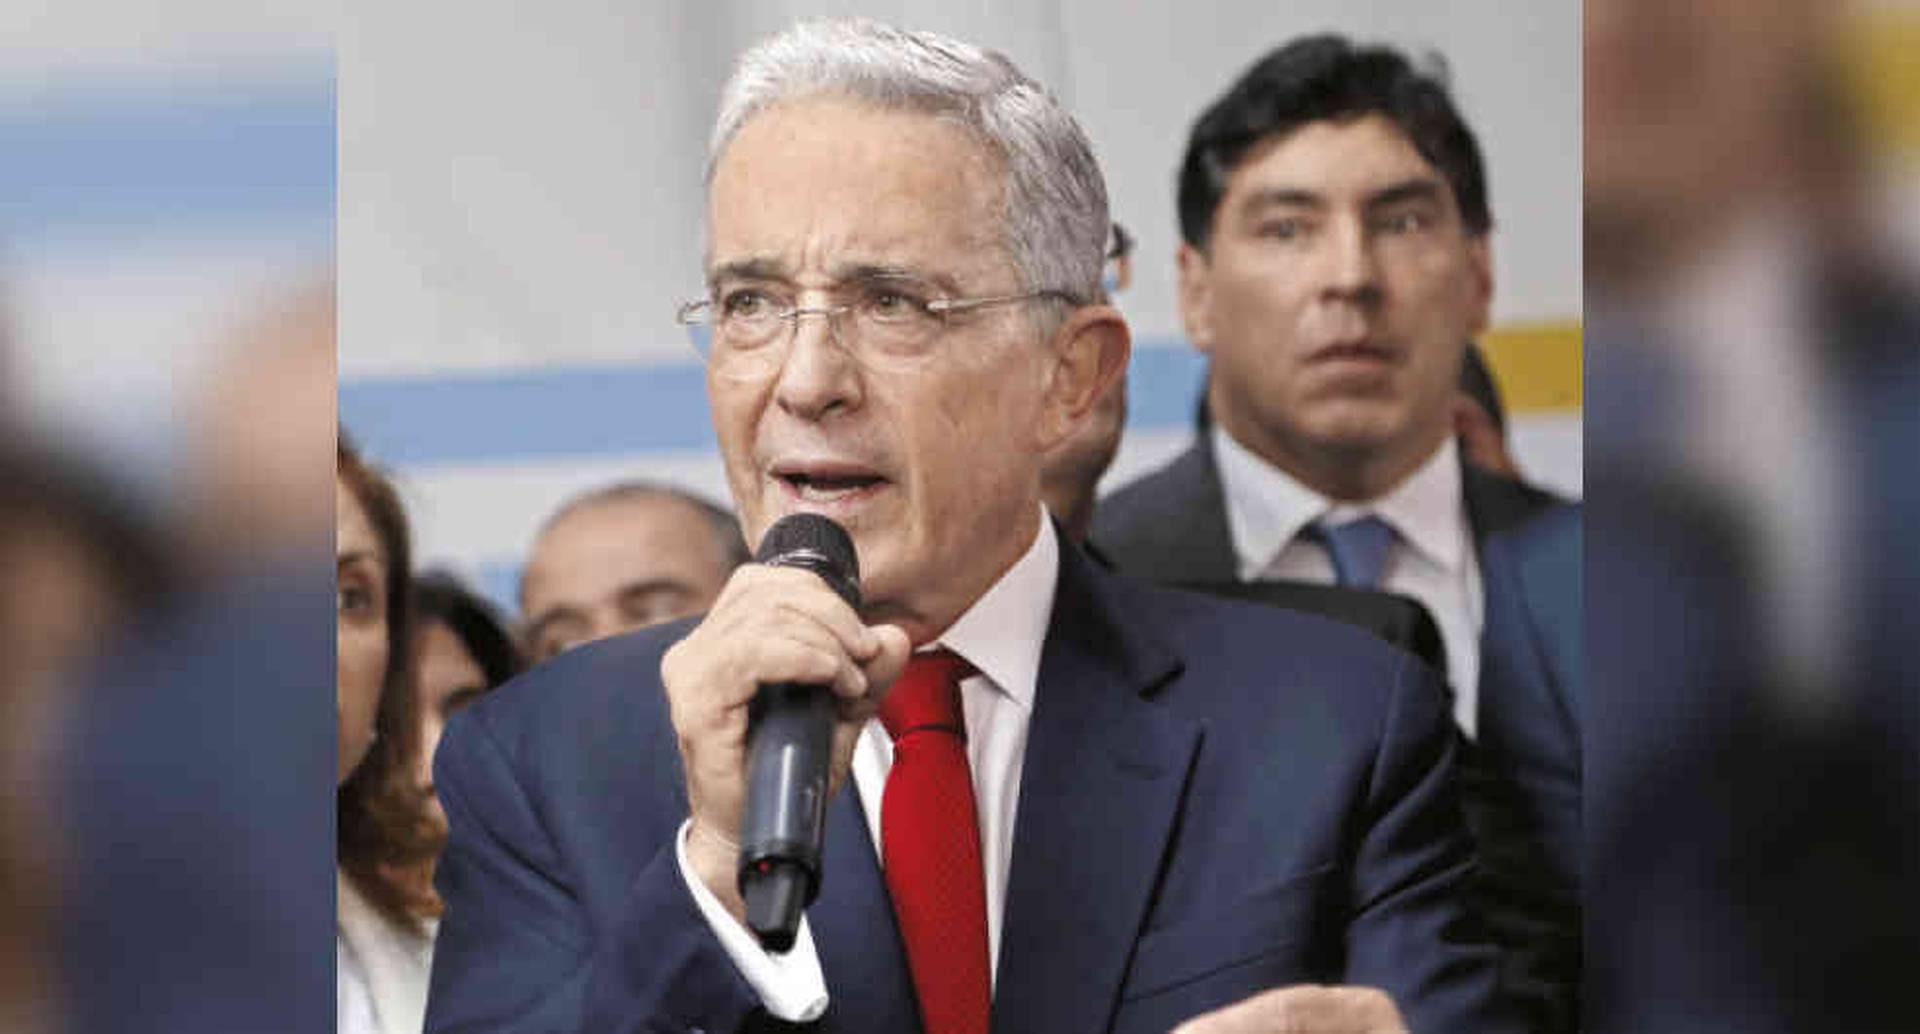 El nuevo referendo del que habla el partido de Gobierno e impulsa el expresidente Álvaro Uribe es más una estrategia para perfilar la narrativa política de cara a las elecciones de 2022.